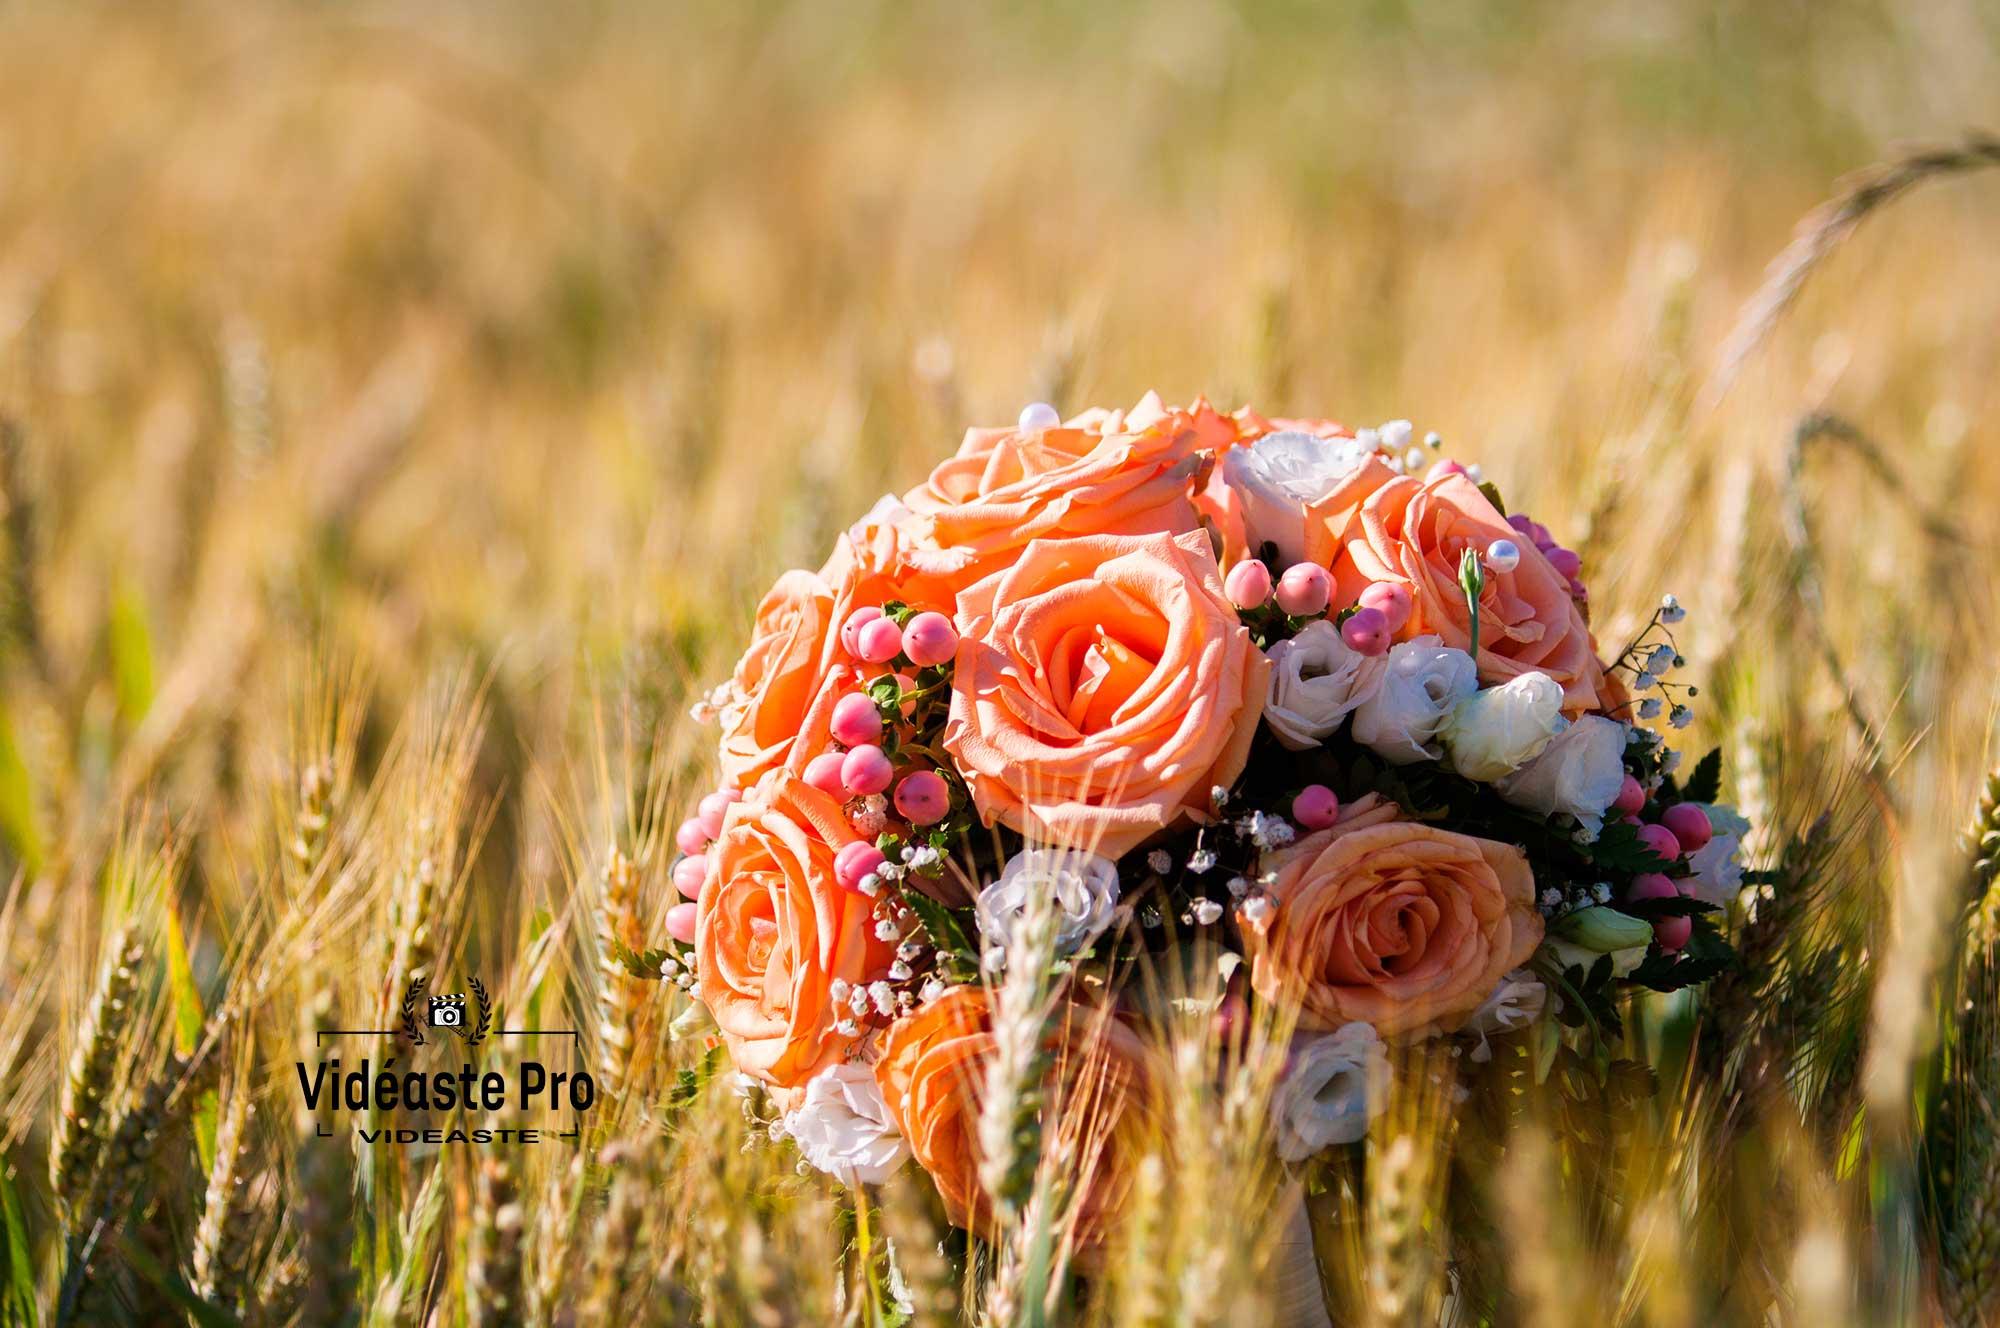 Vidéaste Val-de-Marne, vidéaste mariage Val-de-Marne, vidéo mariage naturelle et authentique, témoignant de toute l'intensité et les meilleurs moments de votre mariage en Val-de-Marne